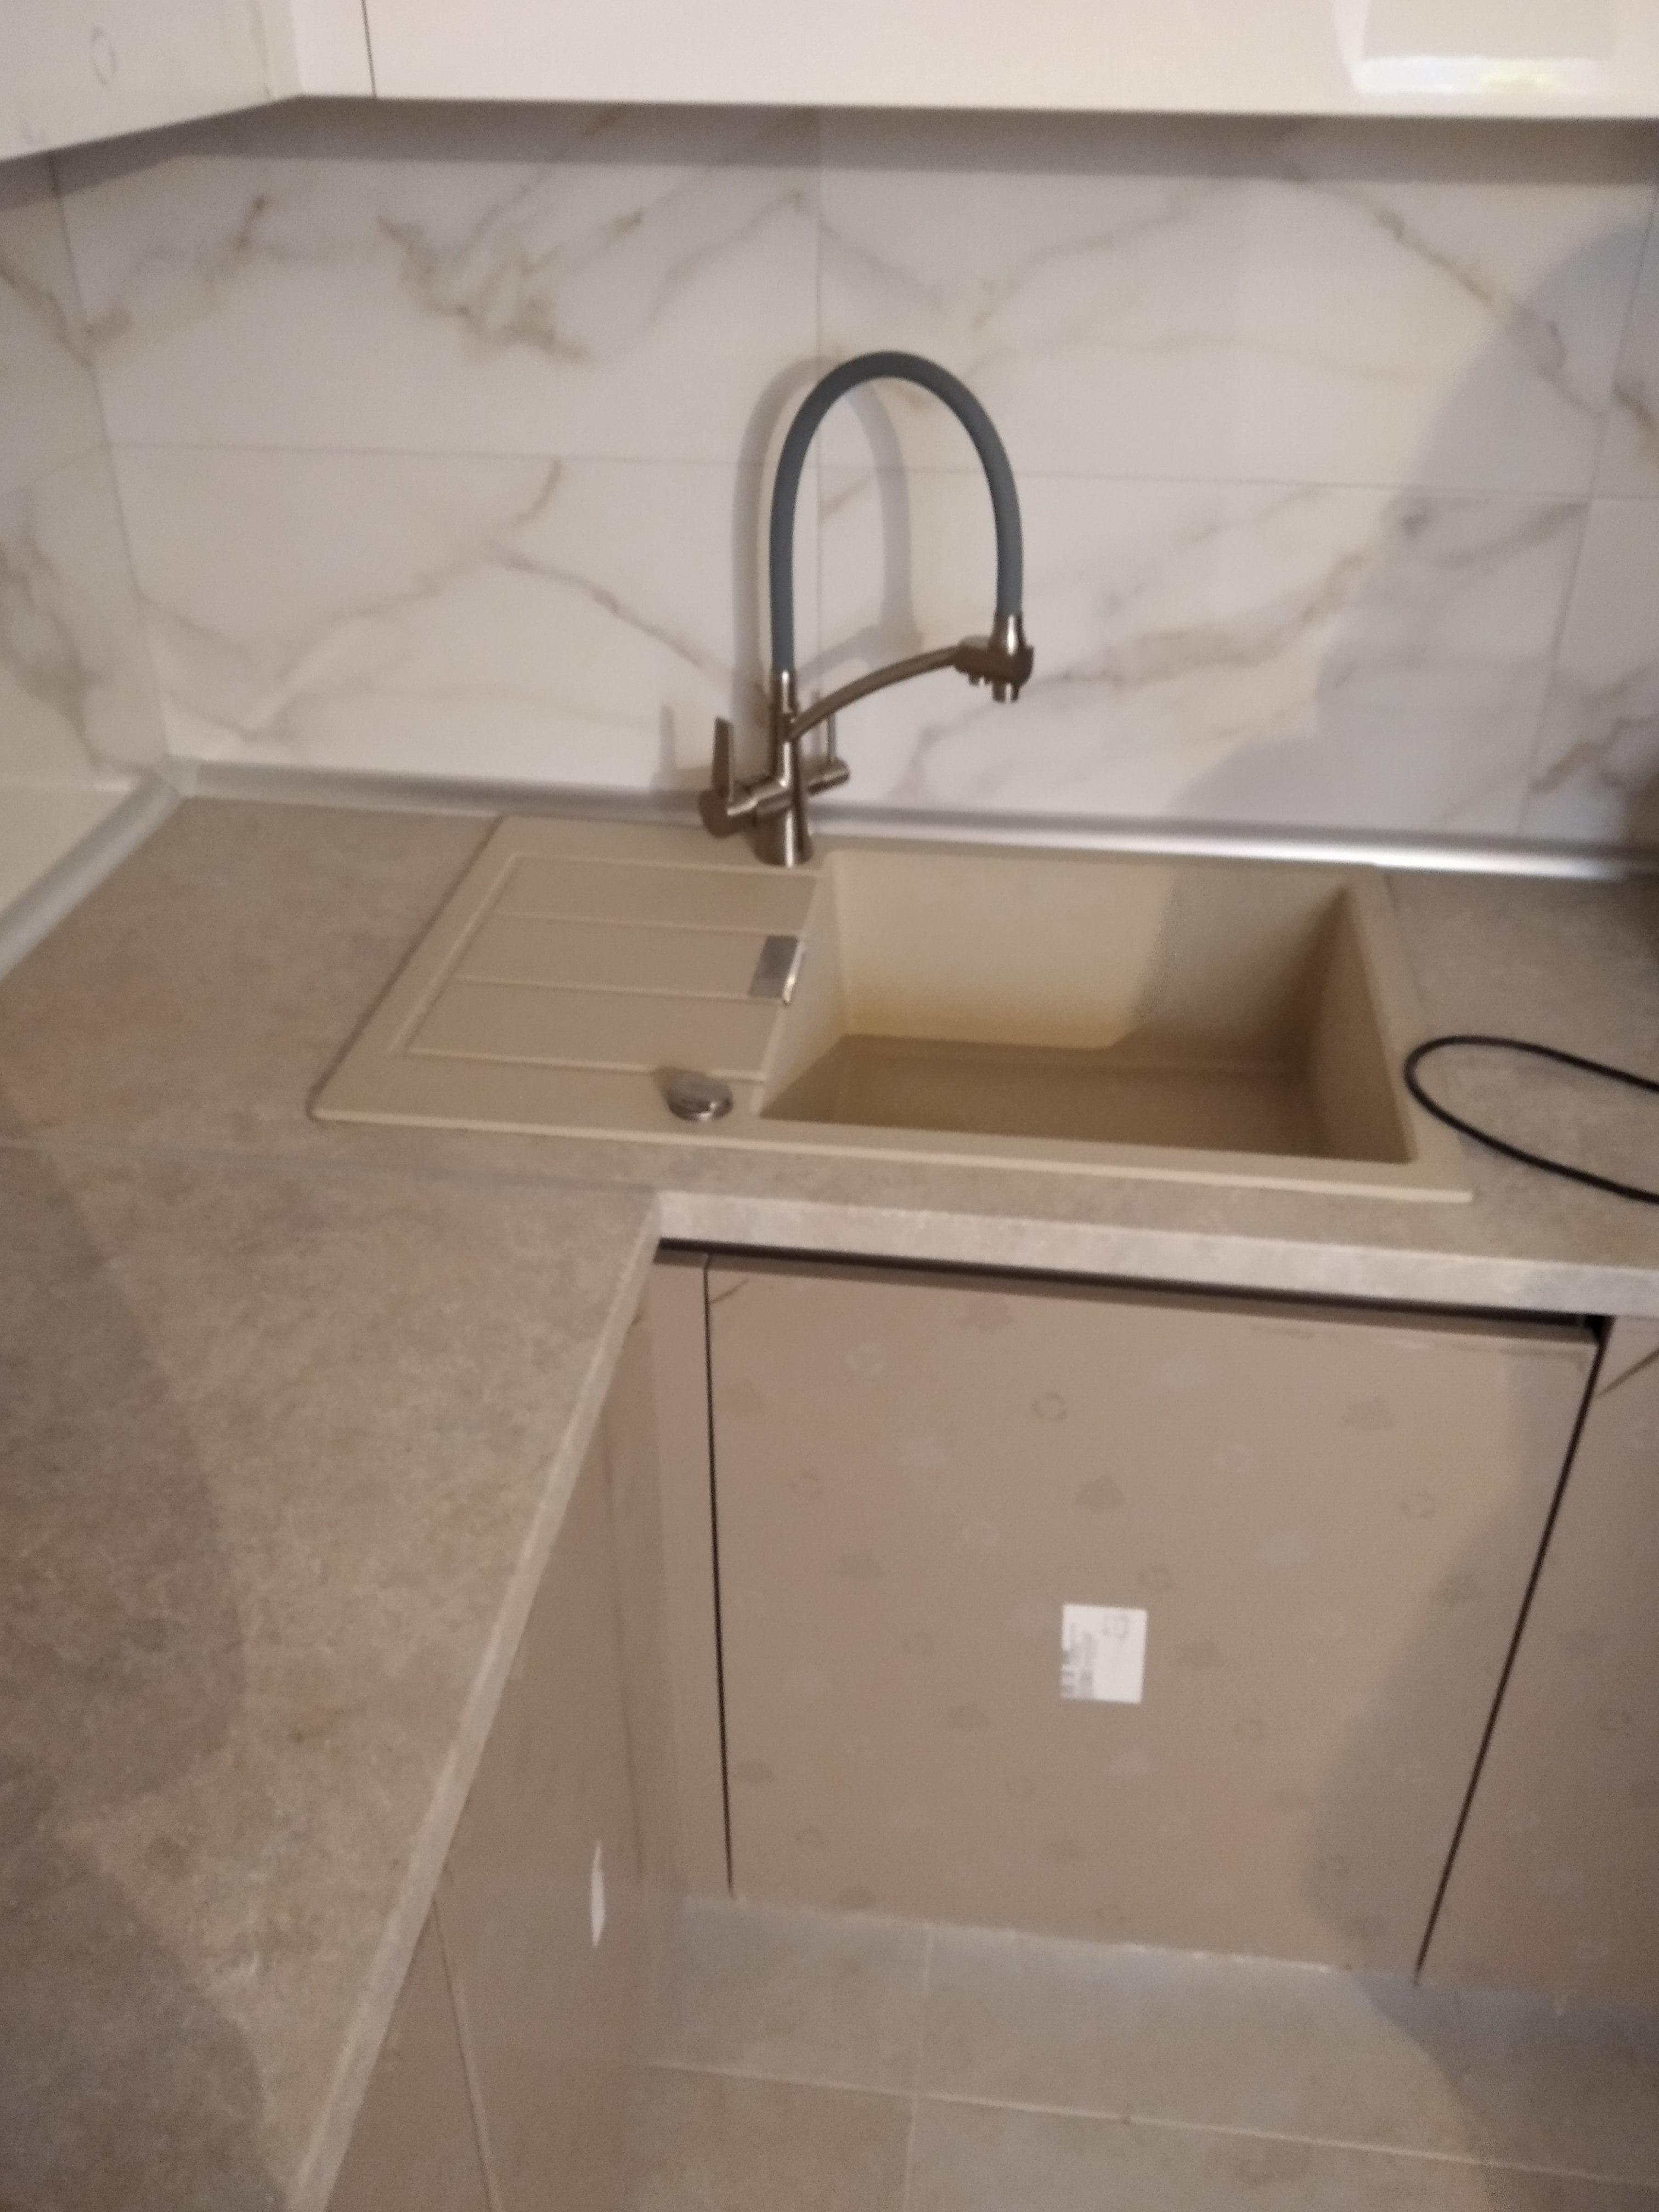 Фото Уборка кухни это всегда отдельная история. Необходимы некоторые навыки и последовательность. Симбиоз знаний, моющих средств и оборудования - залог идеальной уборки.